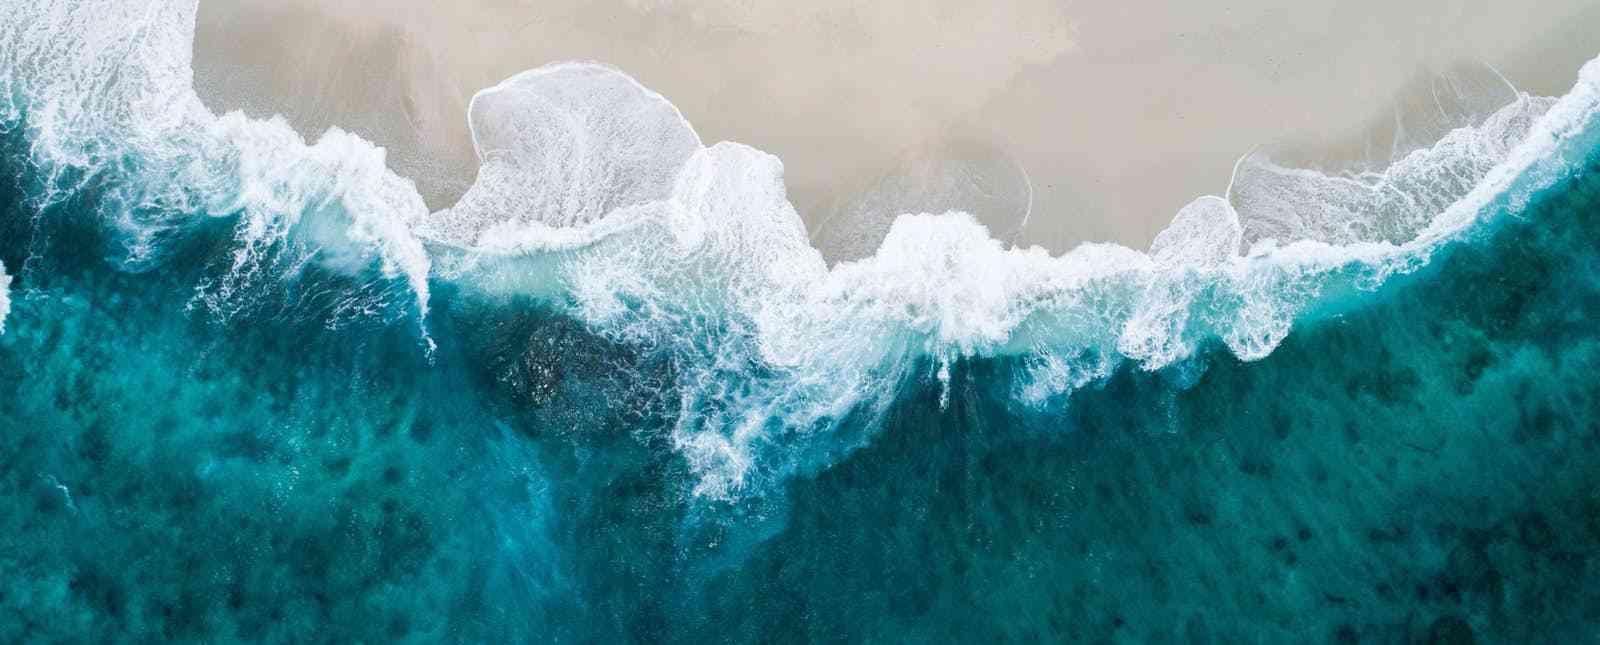 Océano, azul pero ácido